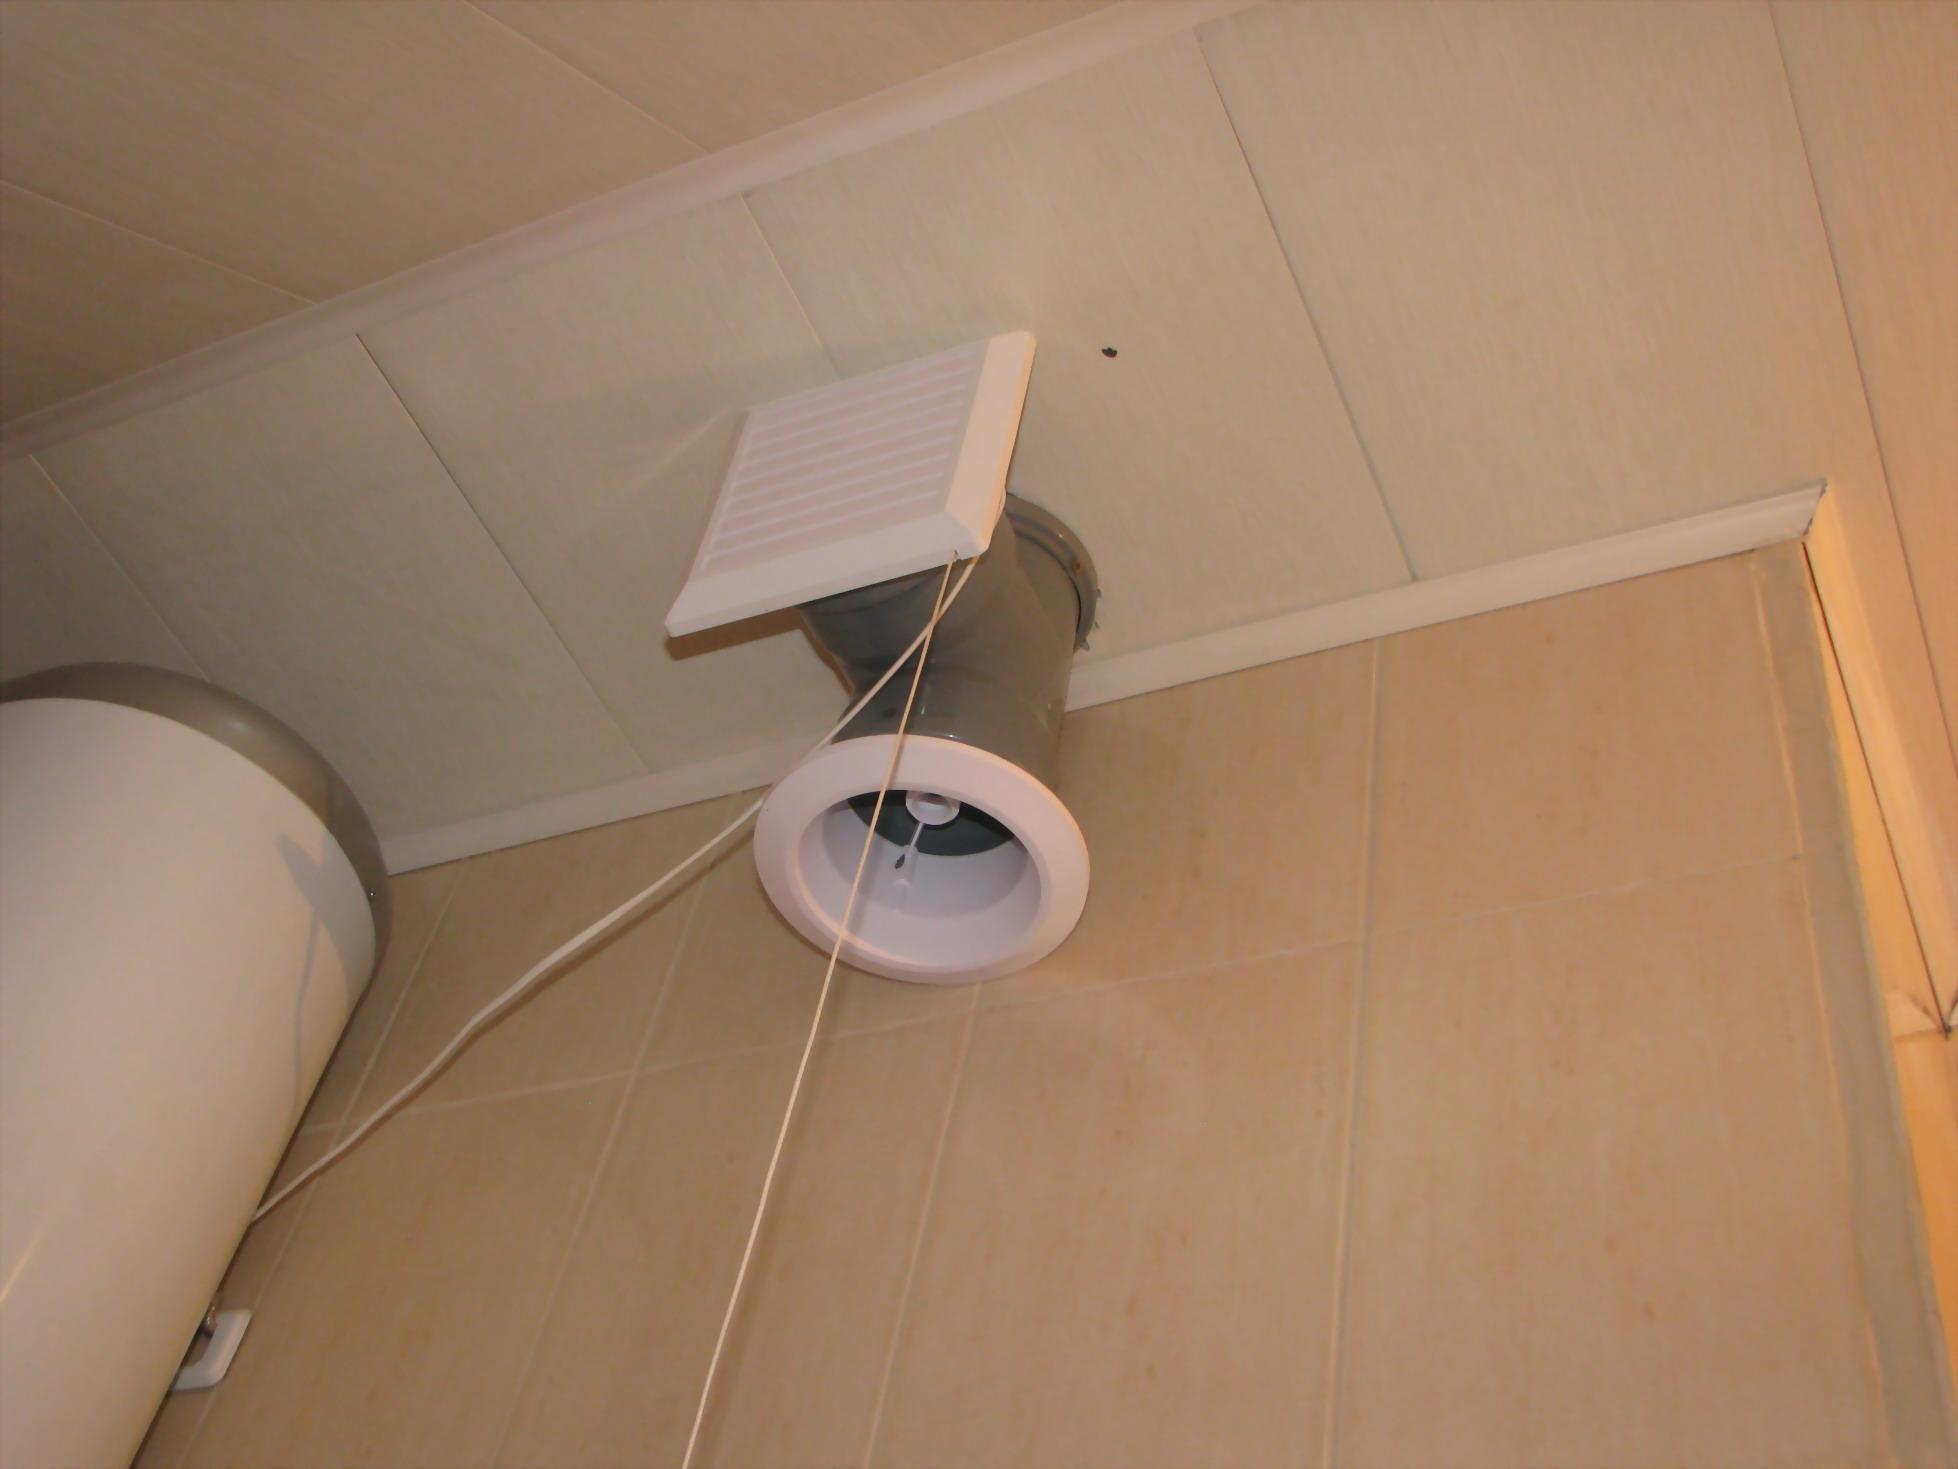 Как сделать принудительную вентиляцию в ванной комнате своими руками, схема